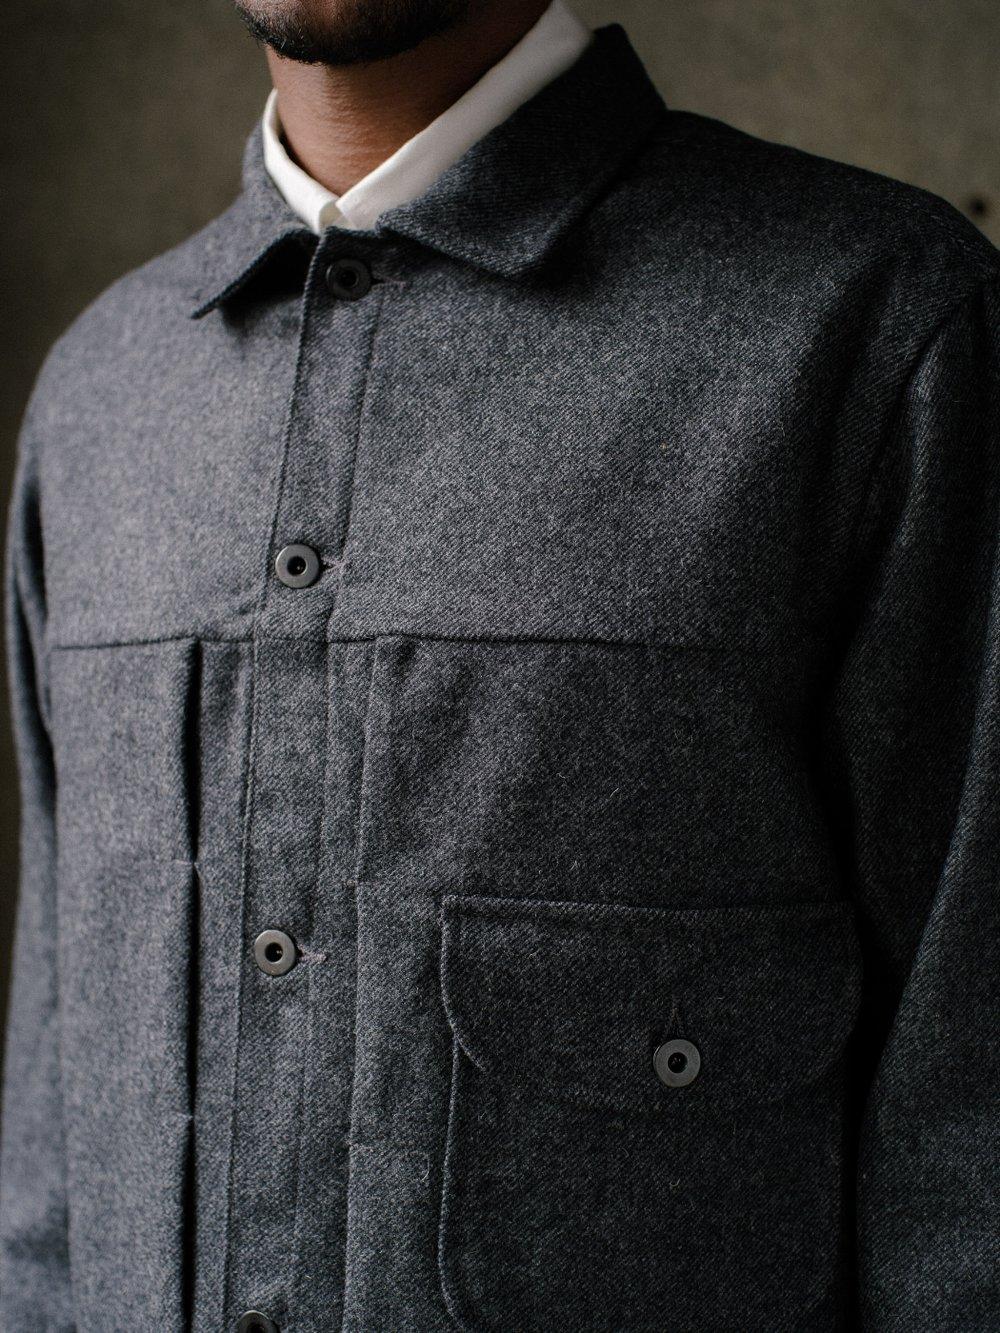 evan-kinori-pleated-jacket-lambswool-twill-1